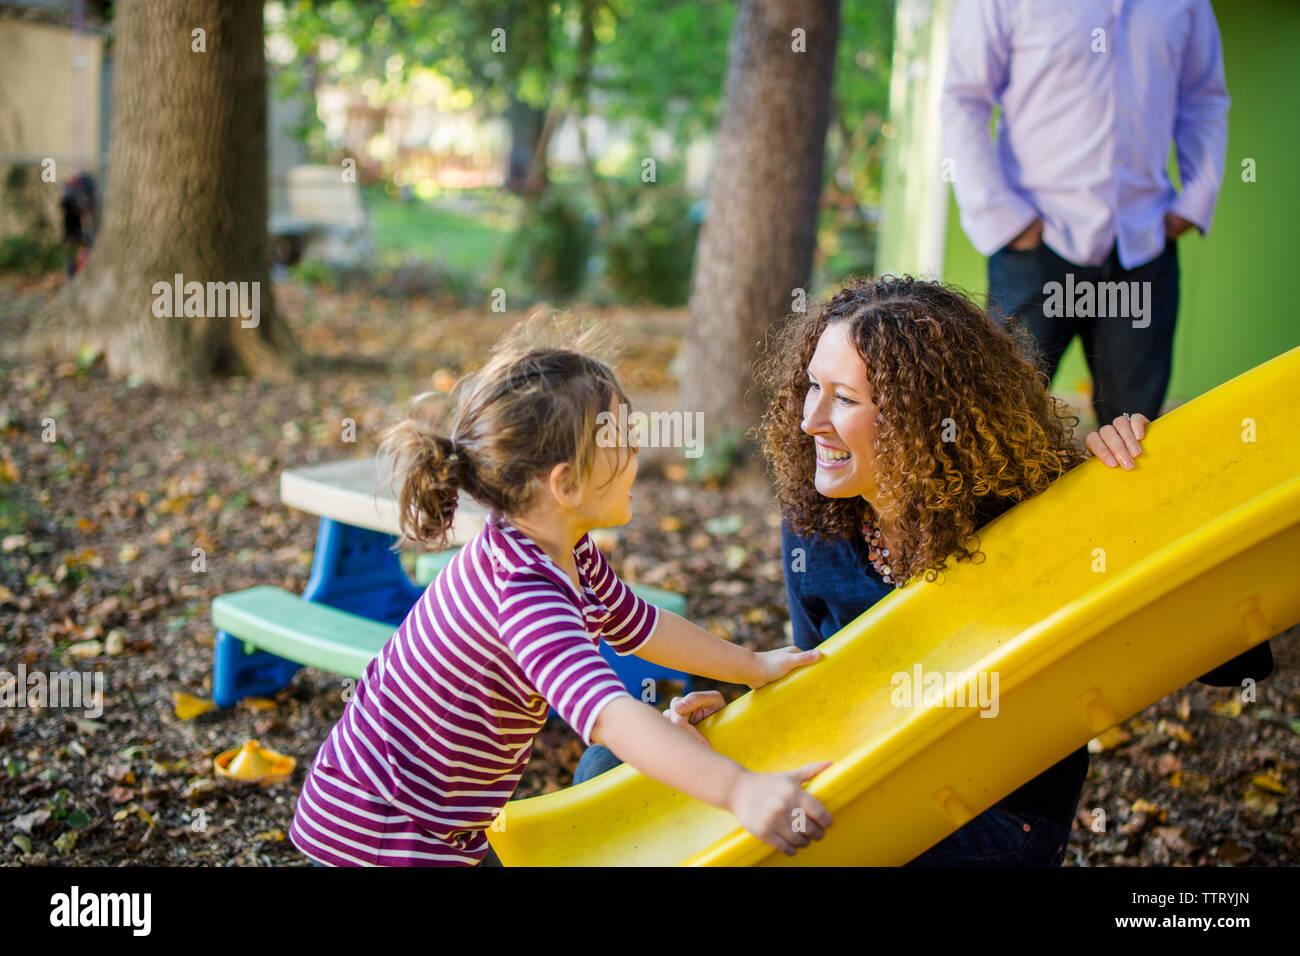 Una familia feliz jugar juntos en sus corrales Foto de stock